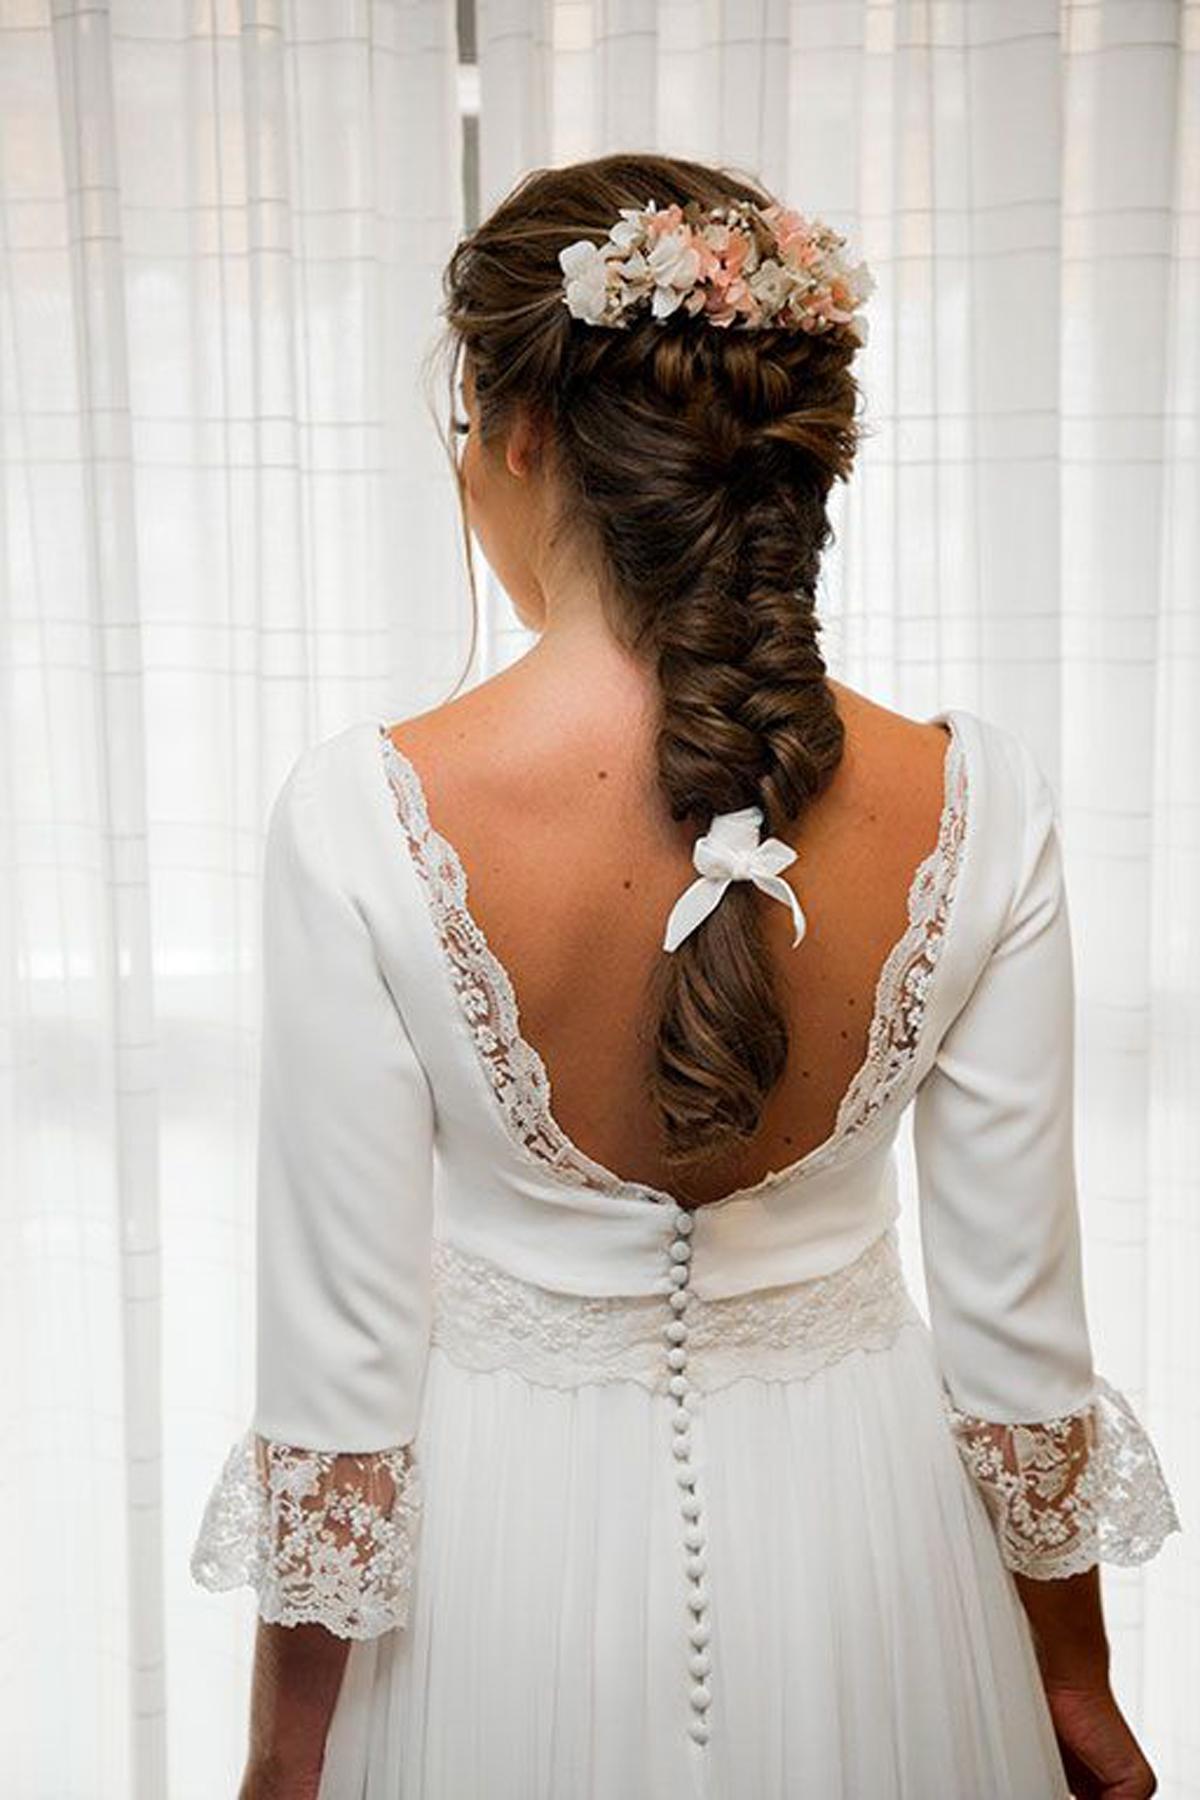 Completamente imperfecto peinados para boda Fotos de cortes de pelo Consejos - Los mejores peinados para novias con estilo - El Blog de ...